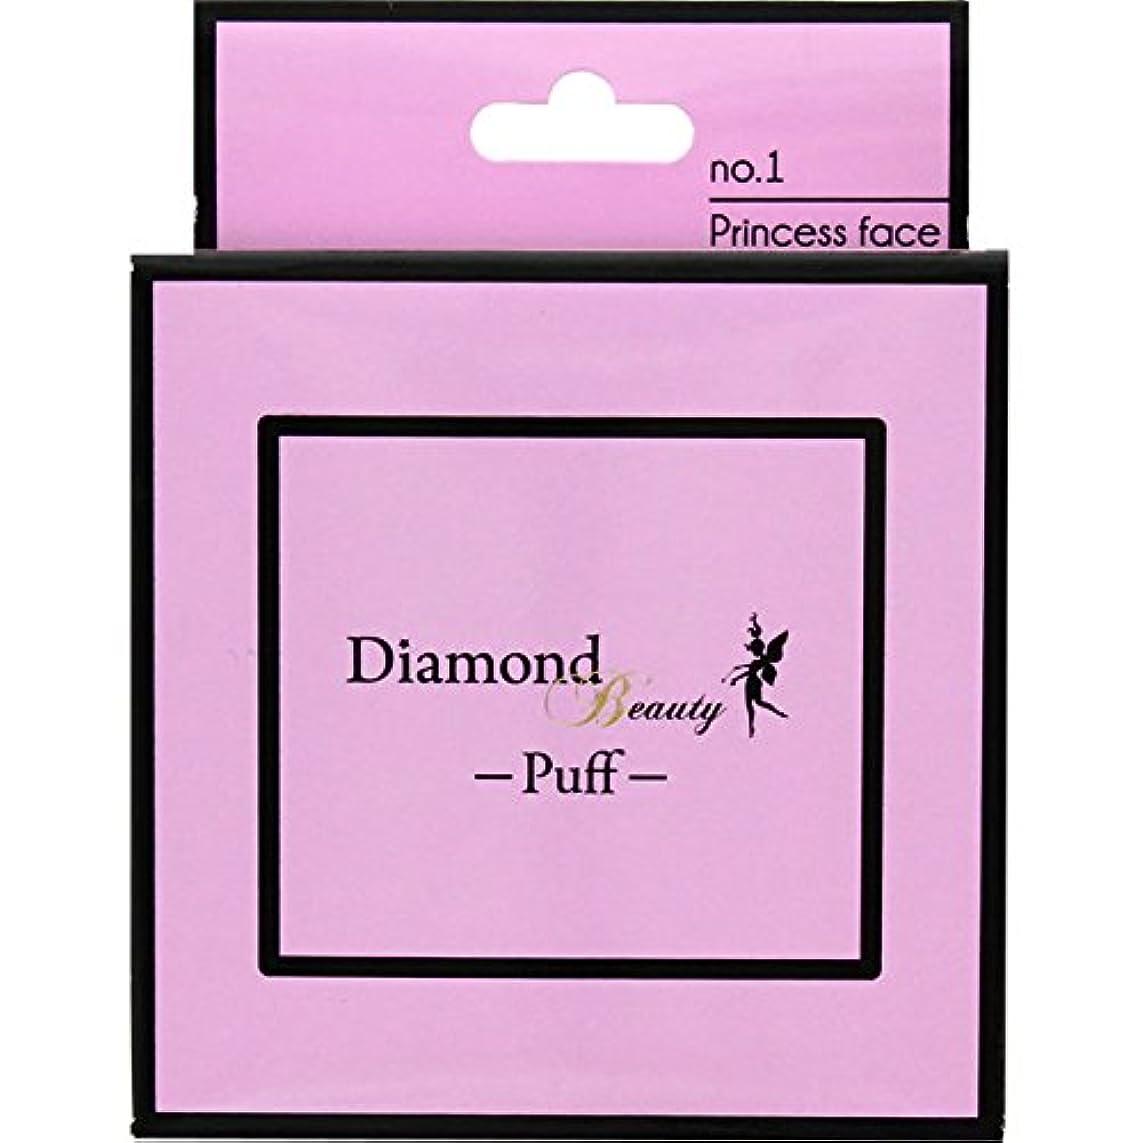 破壊する主観的人種ダイヤモンドビューティー パフ 01 プリンセスフェイス